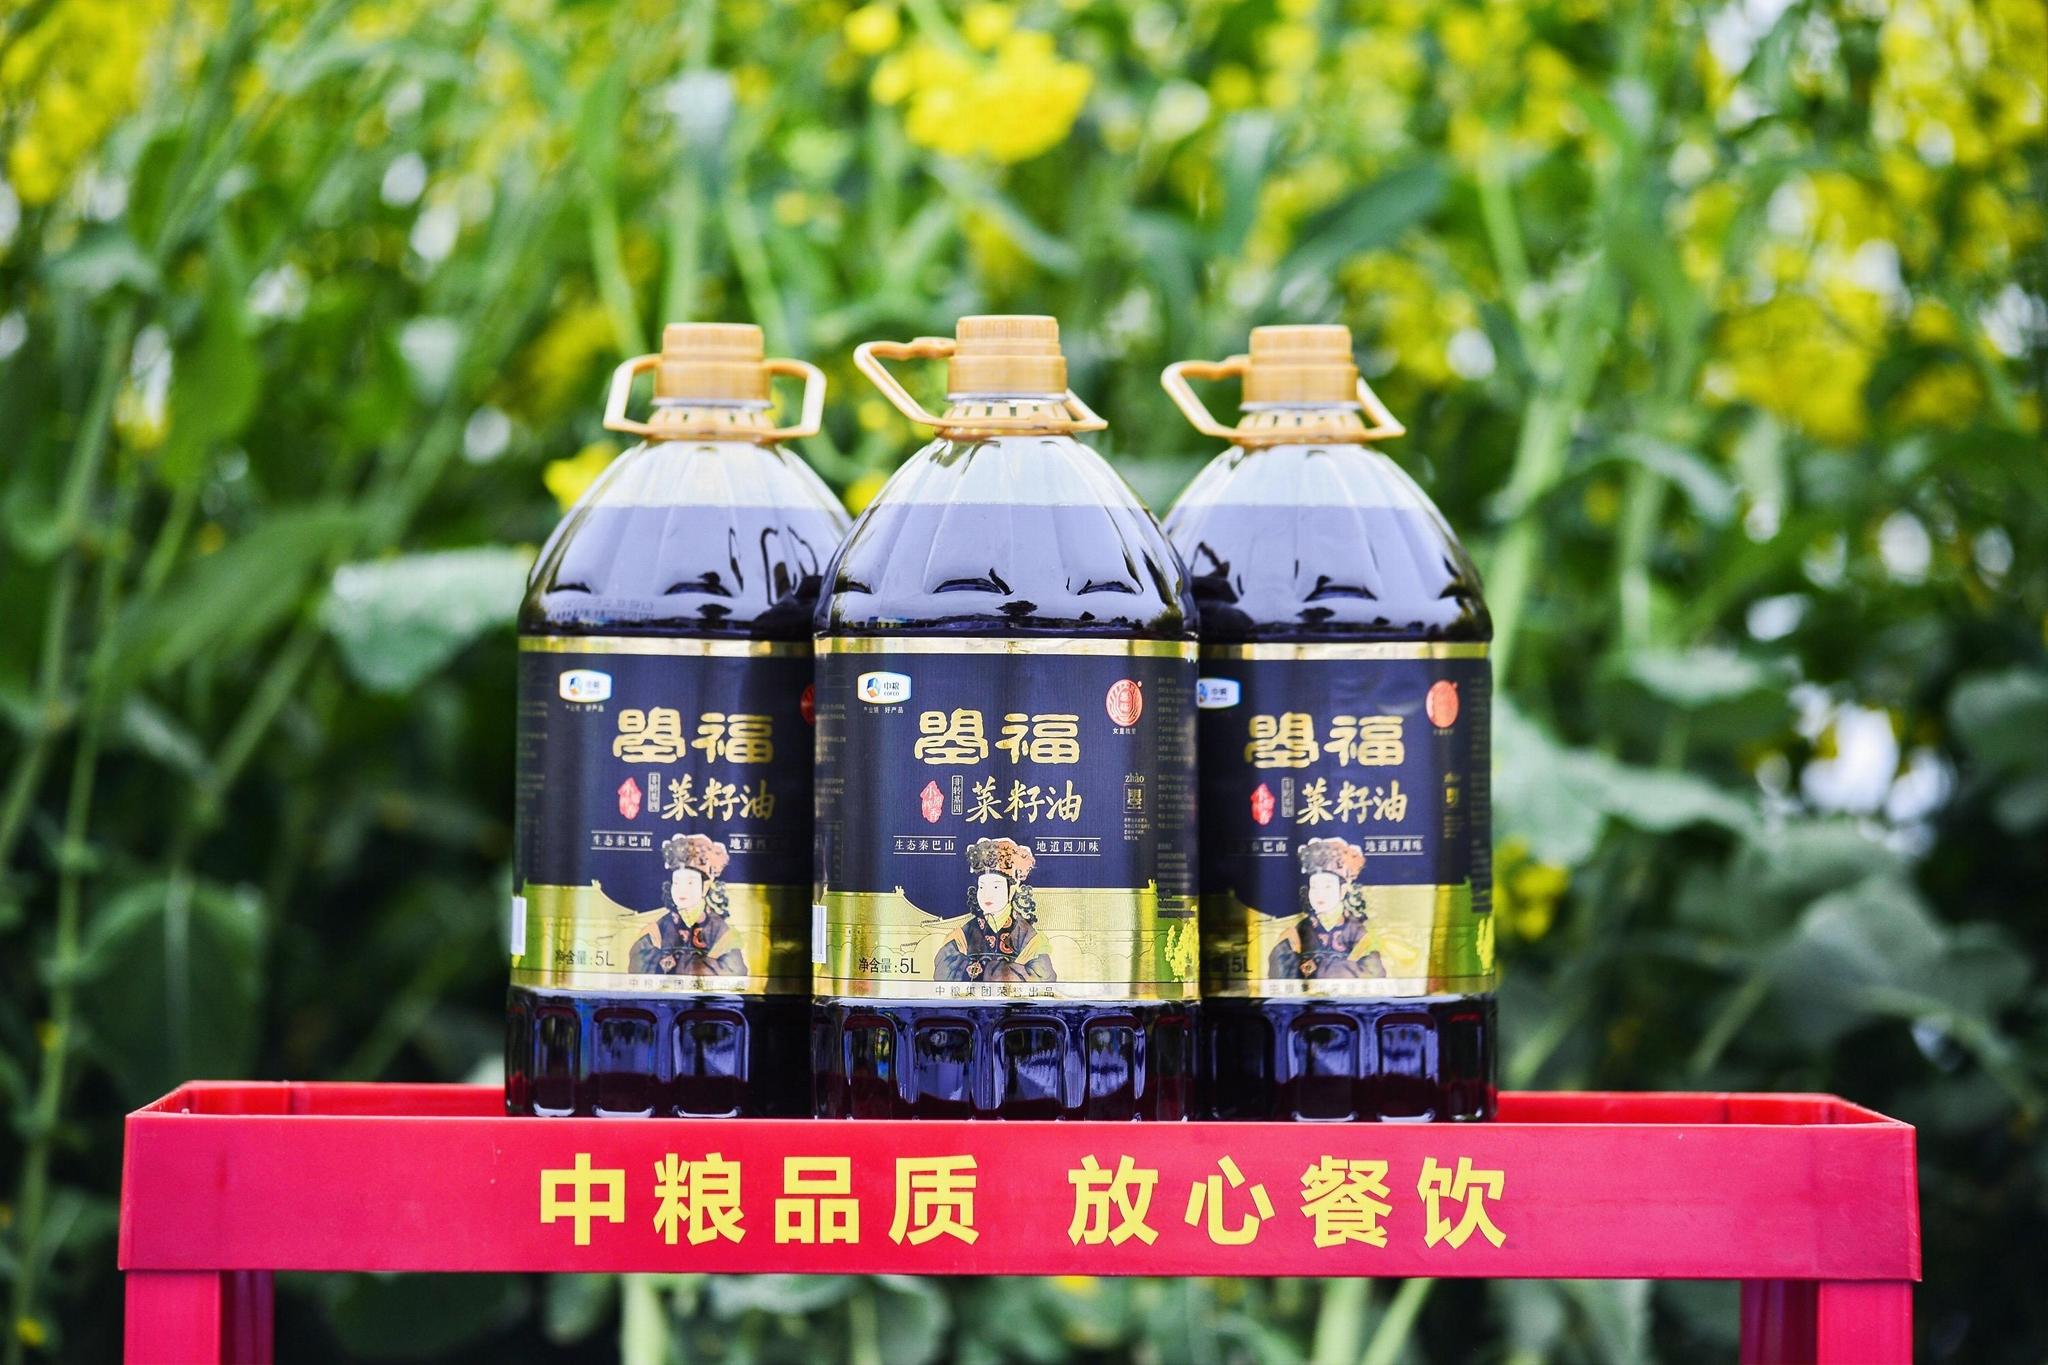 中粮曌福小榨原香菜籽油 3